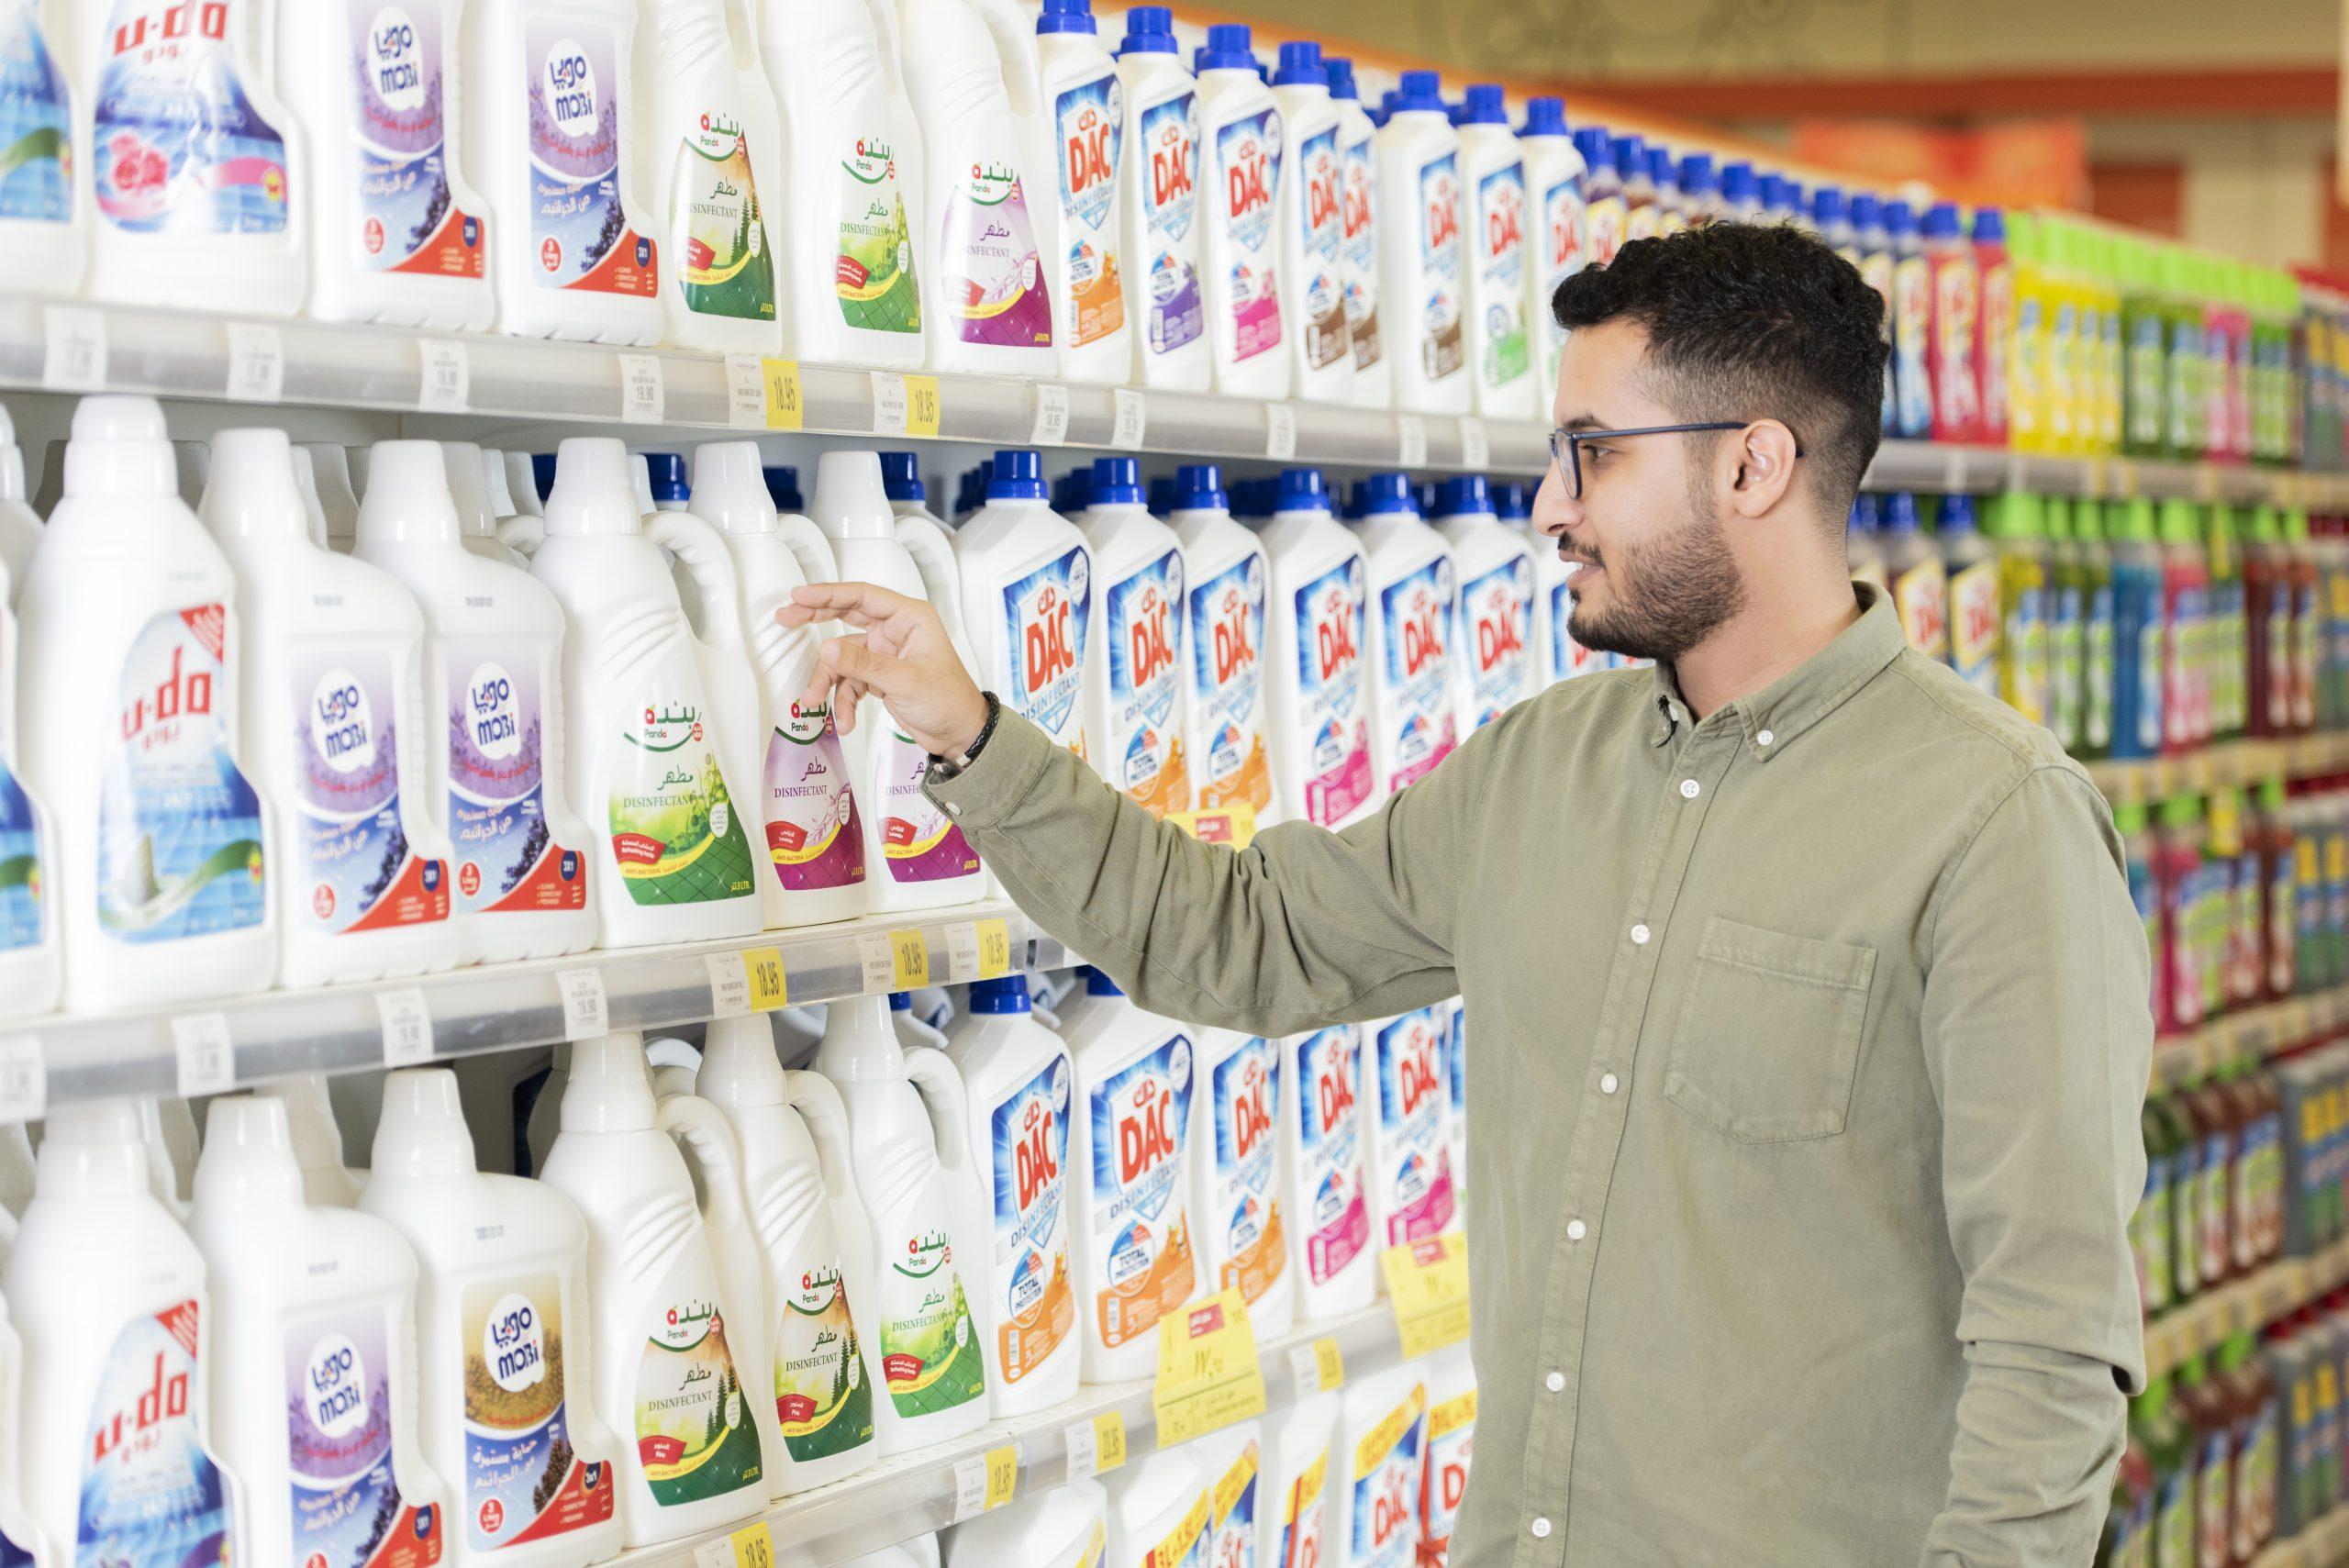 panda-food-retail-case-study